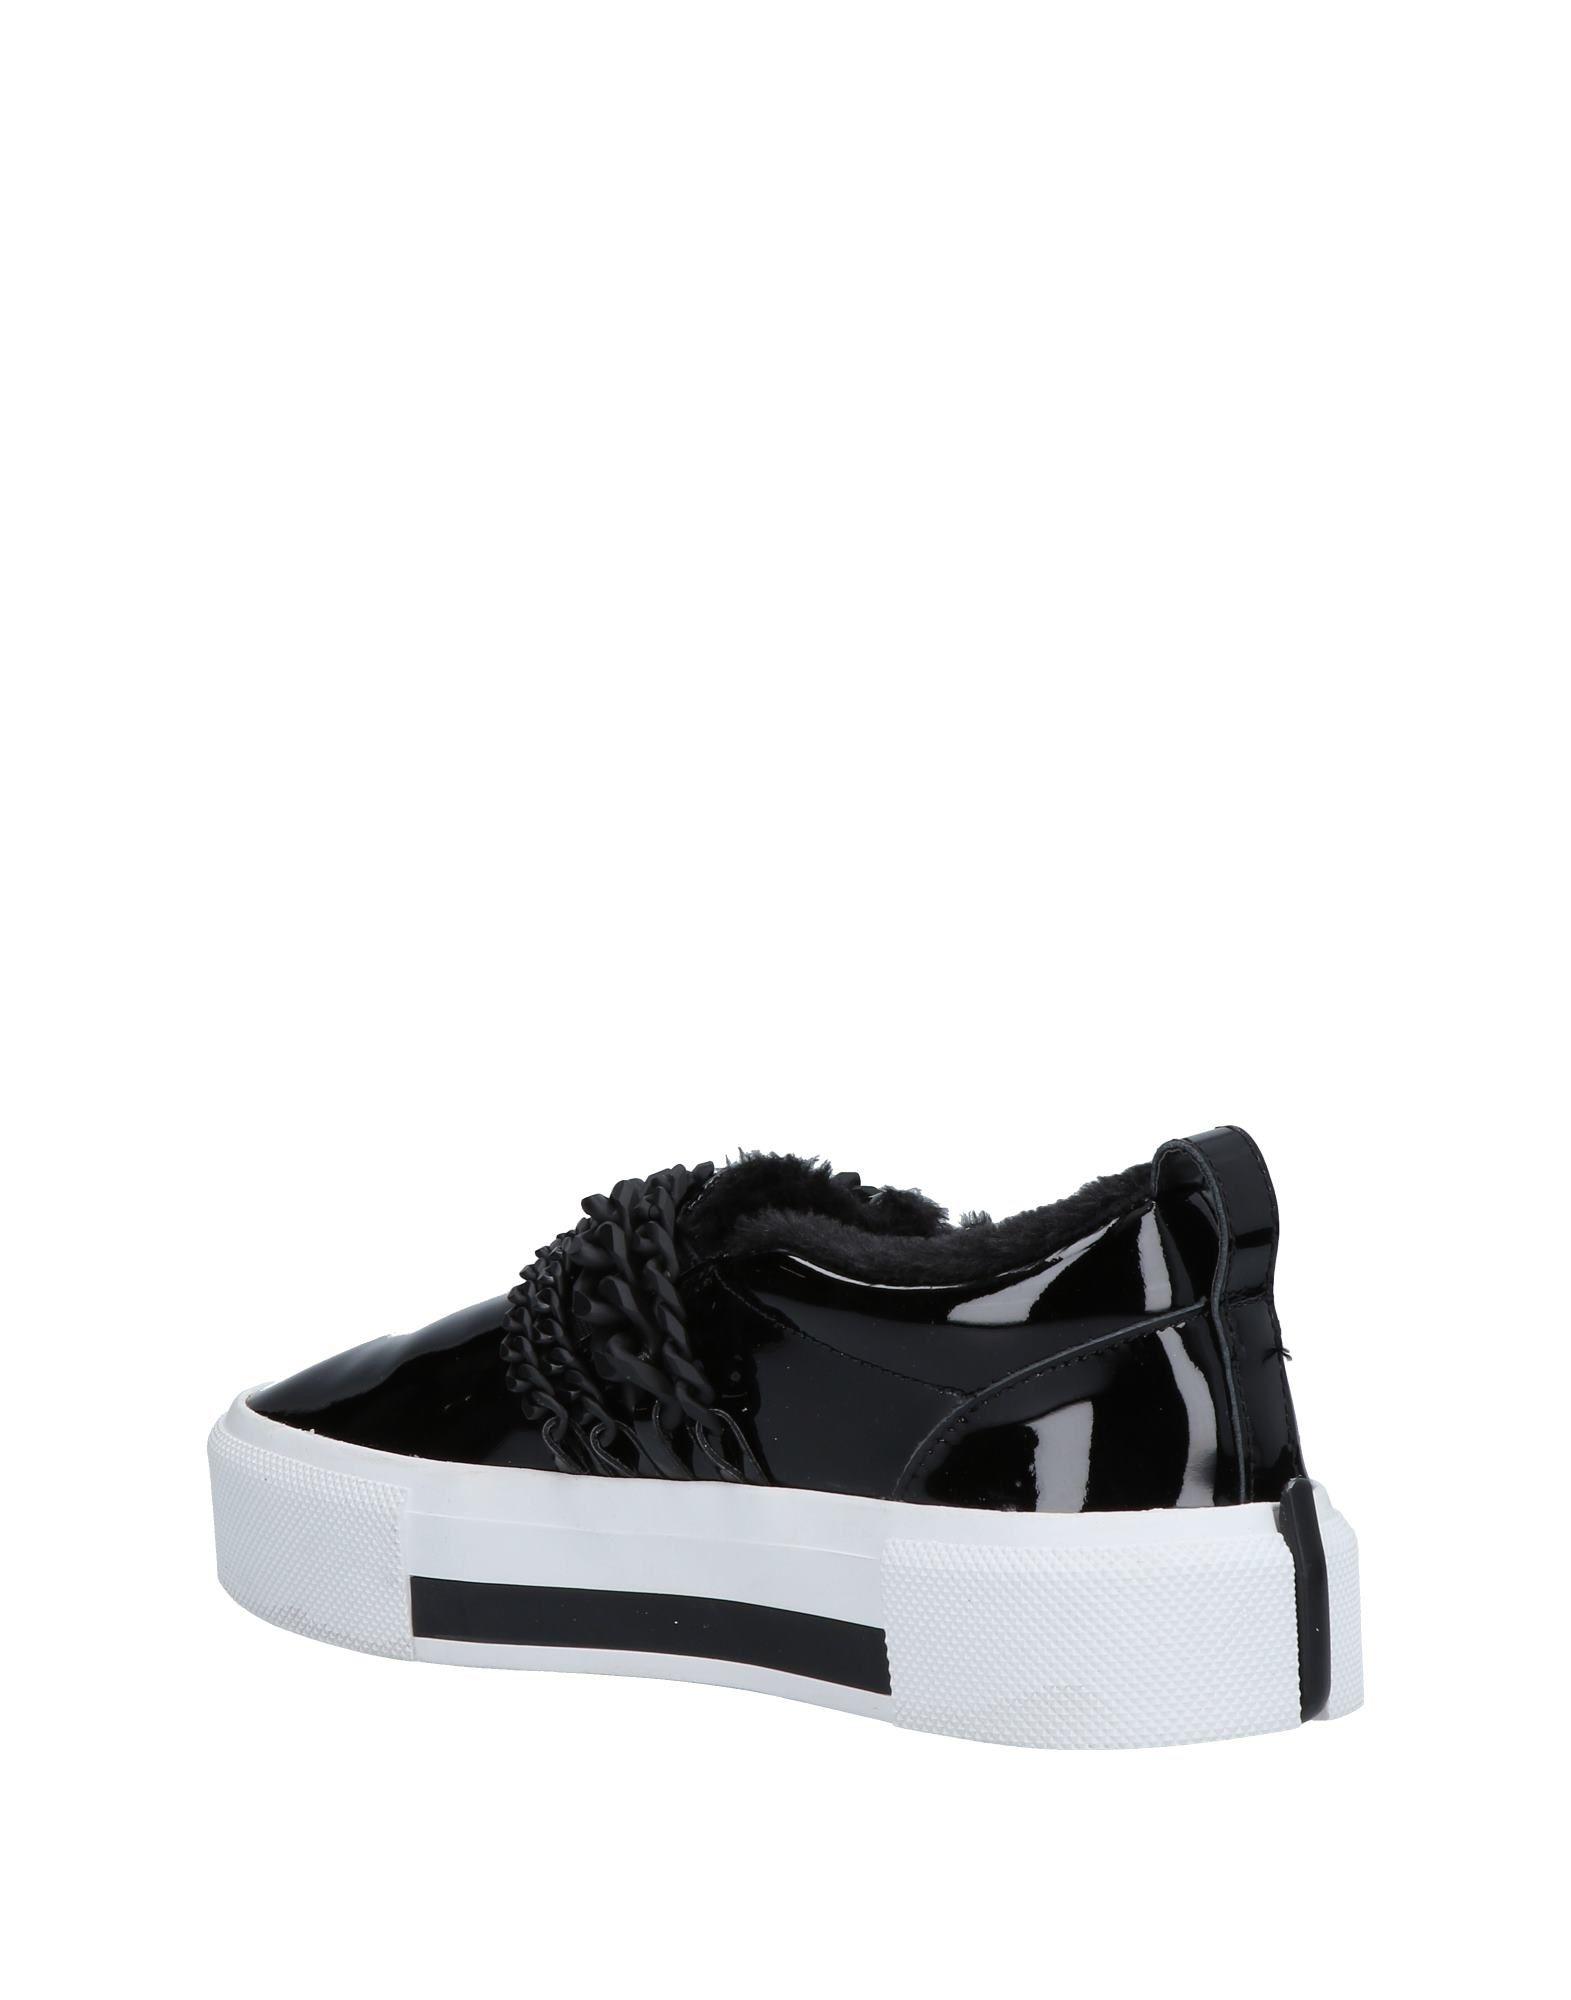 Kendall + Kylie Sneakers Damen beliebte  11448218KC Gute Qualität beliebte Damen Schuhe 0fe009